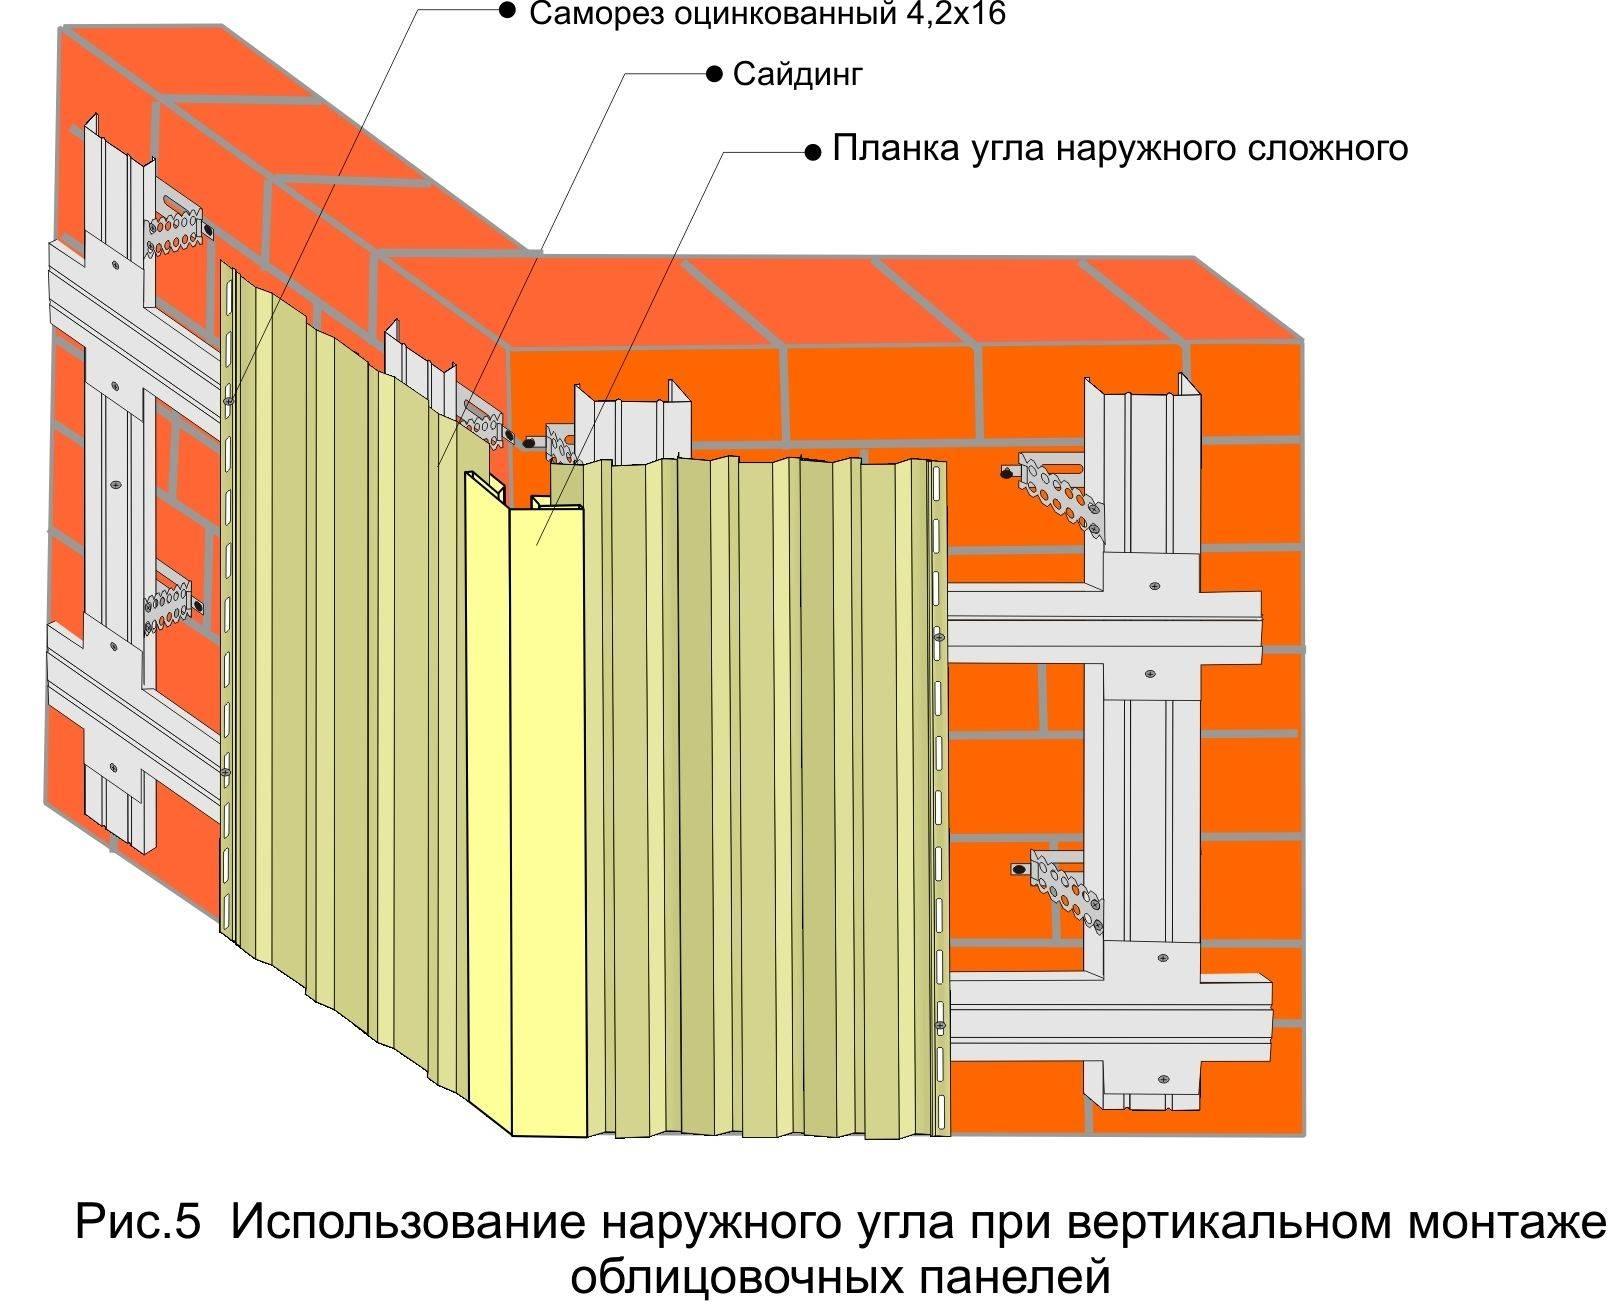 Обшивка дома металлическим сайдингом: пошаговая инструкция по монтажу от ivd.ru